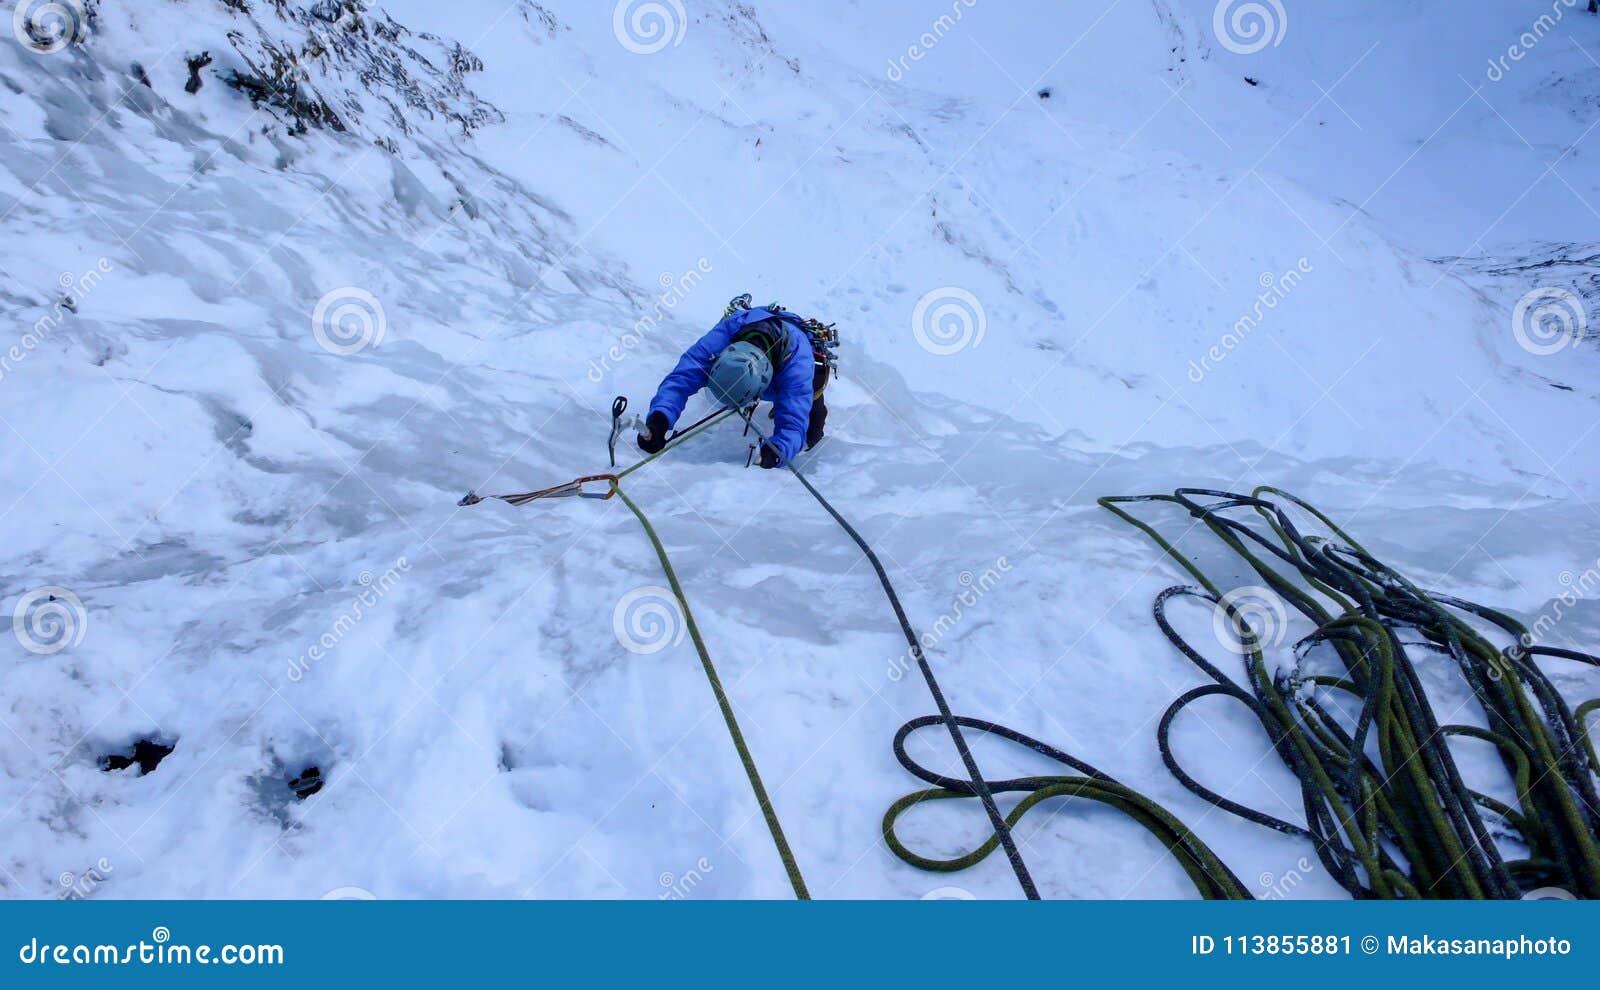 Αρσενικός ορειβάτης πάγου σε μια μπλε ζακέτα σε έναν απότομο παγωμένο καταρράκτη το βαθύ χειμώνα στις Άλπεις της Ελβετίας